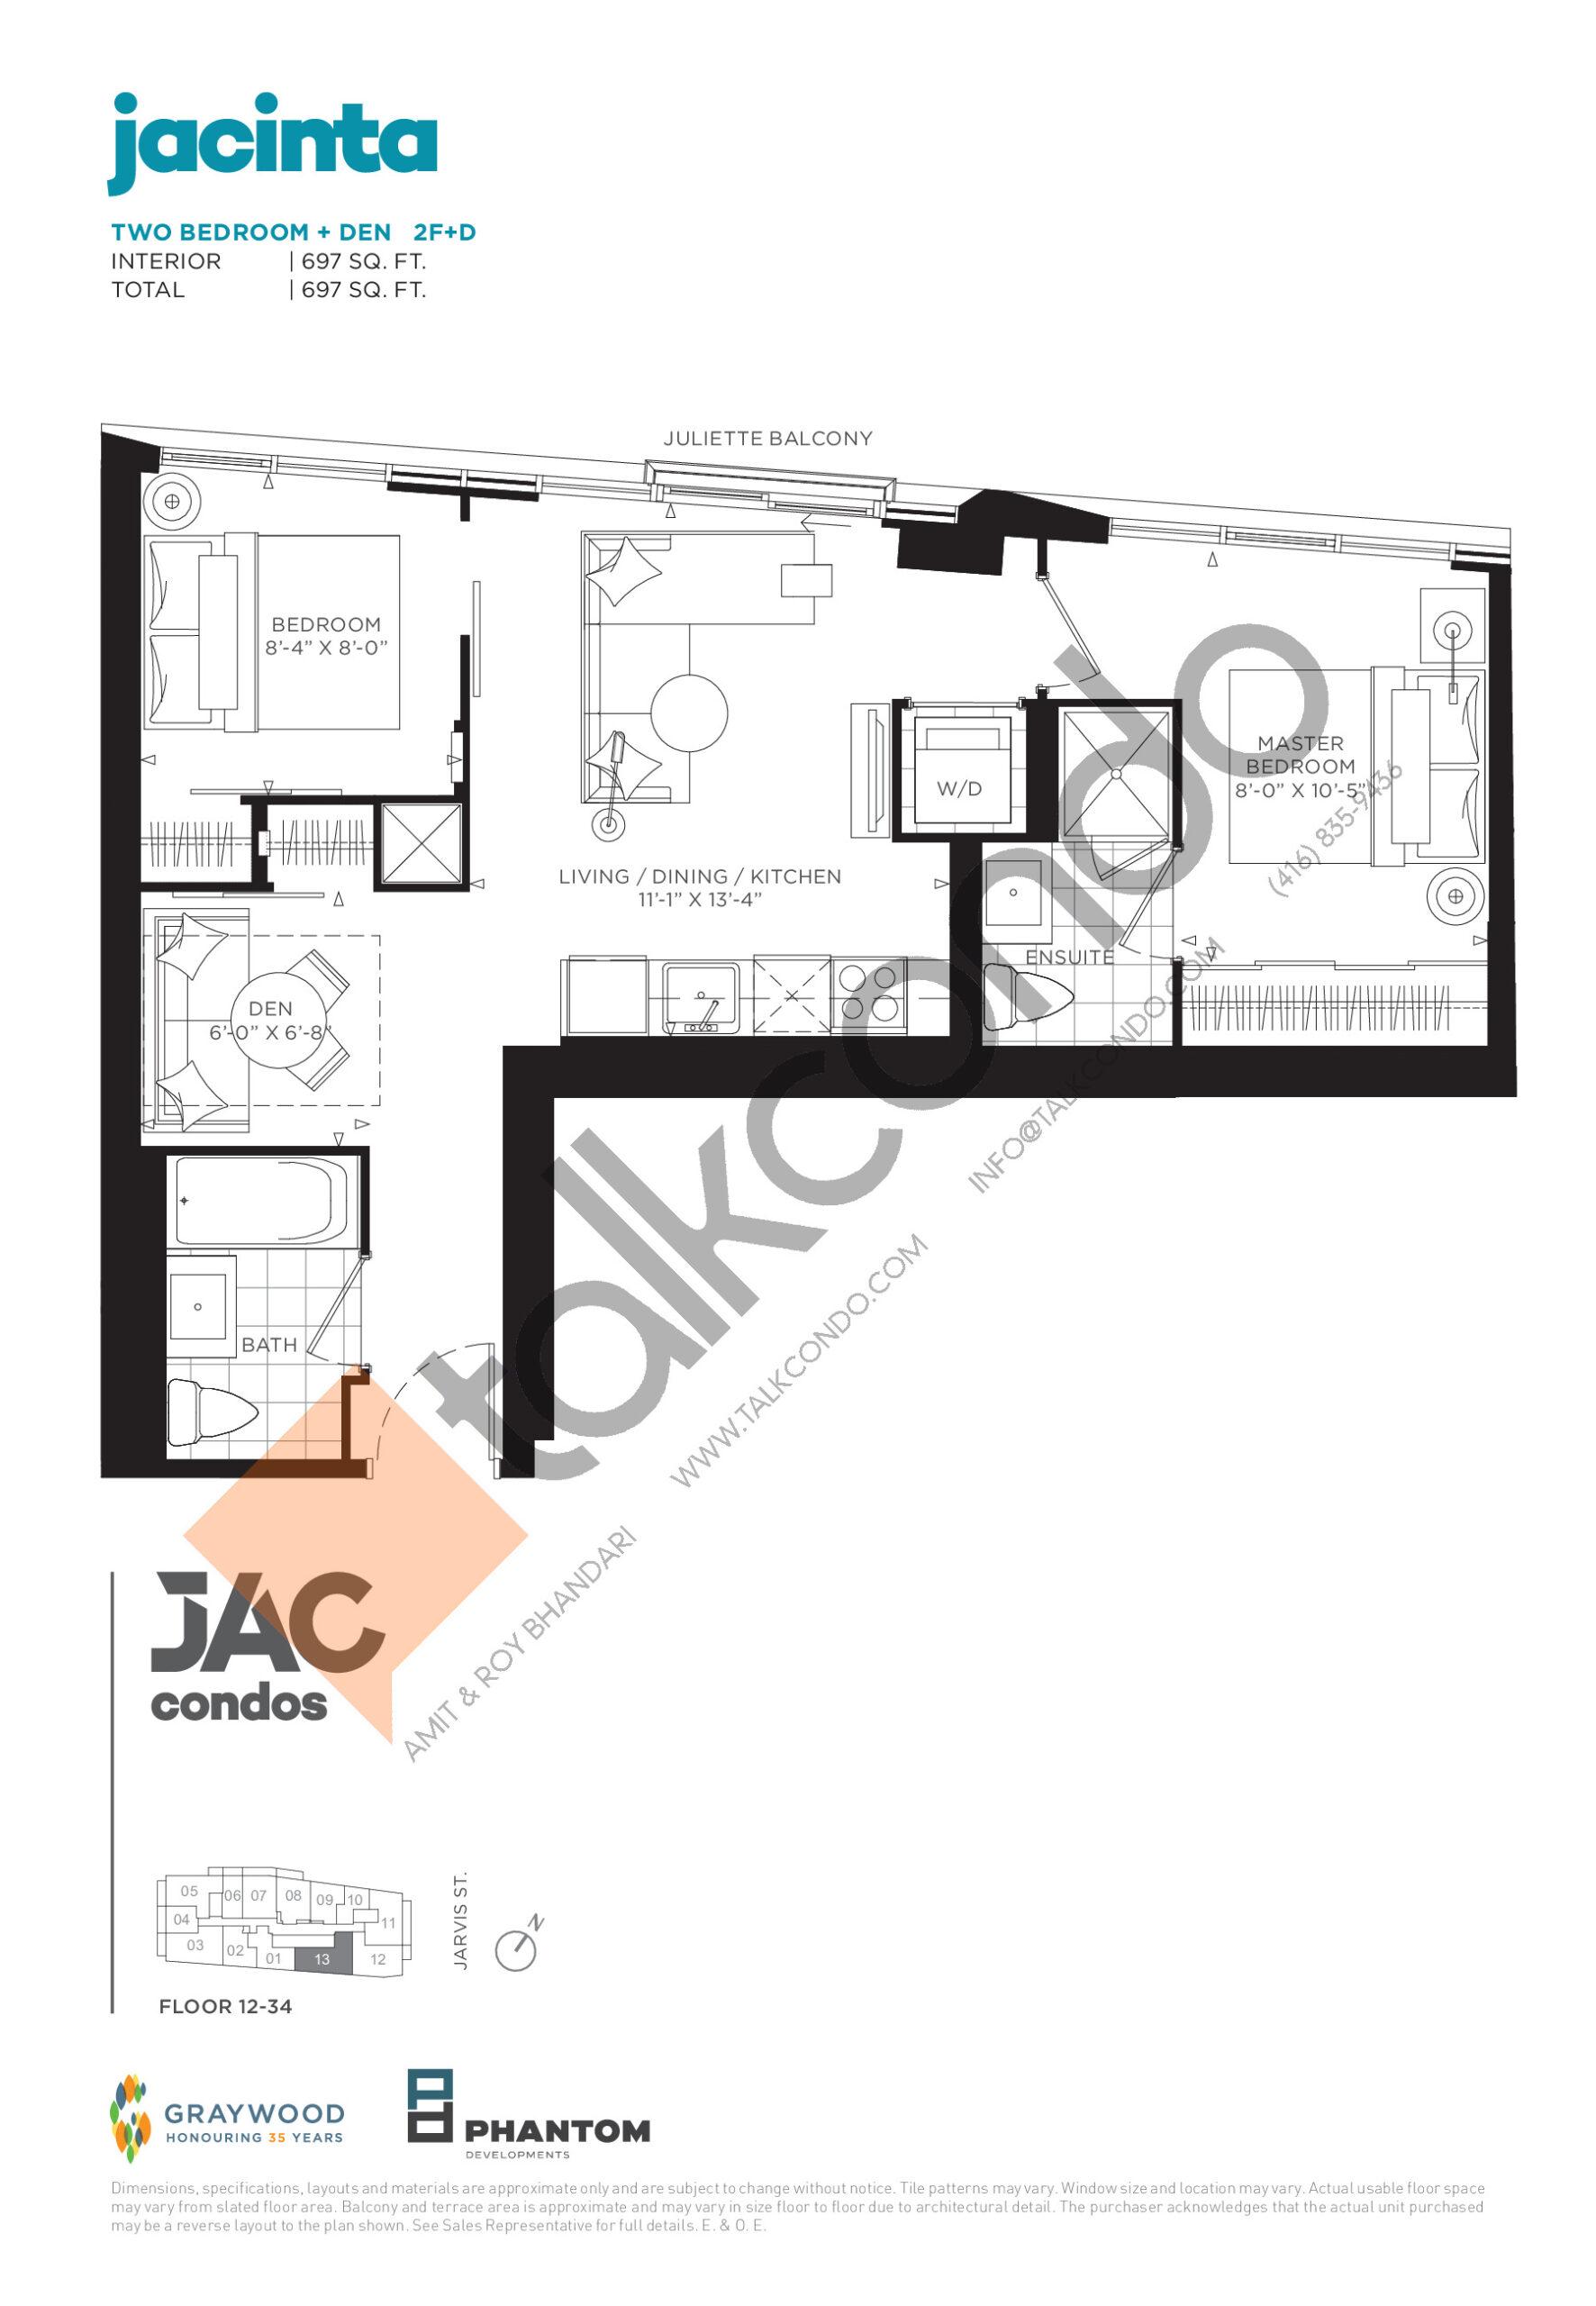 Jacinta Floor Plan at JAC Condos - 697 sq.ft